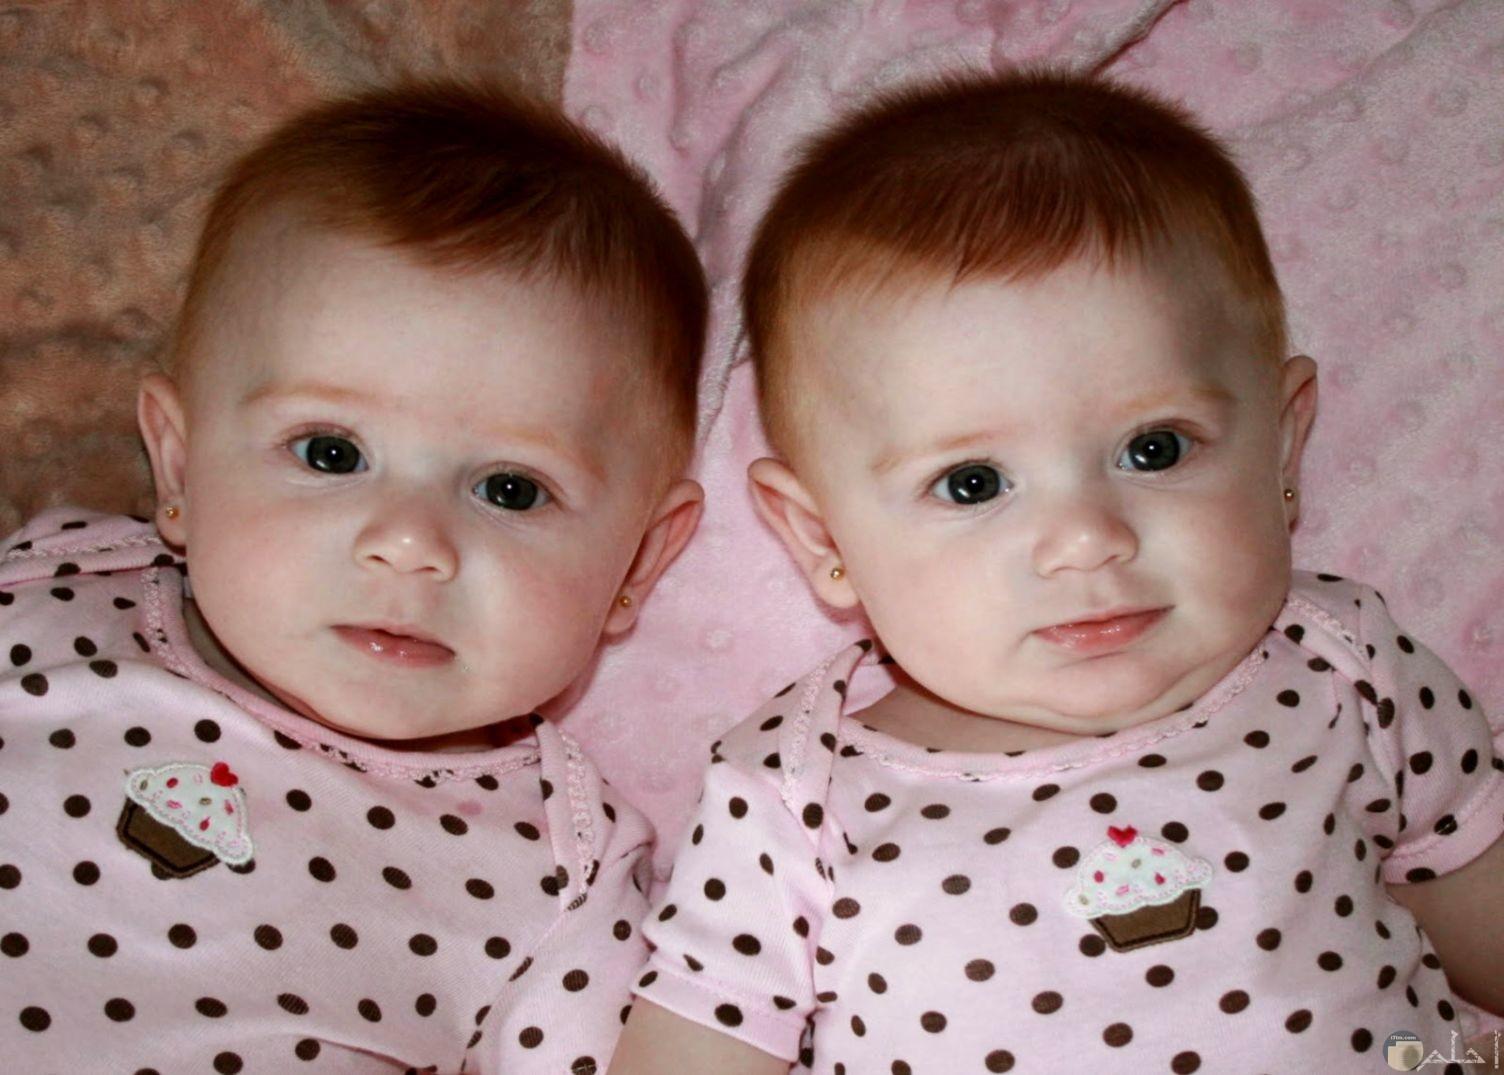 صورة لطفلين توأم جميلة يلبسون نفس الملابس باللون الوردي